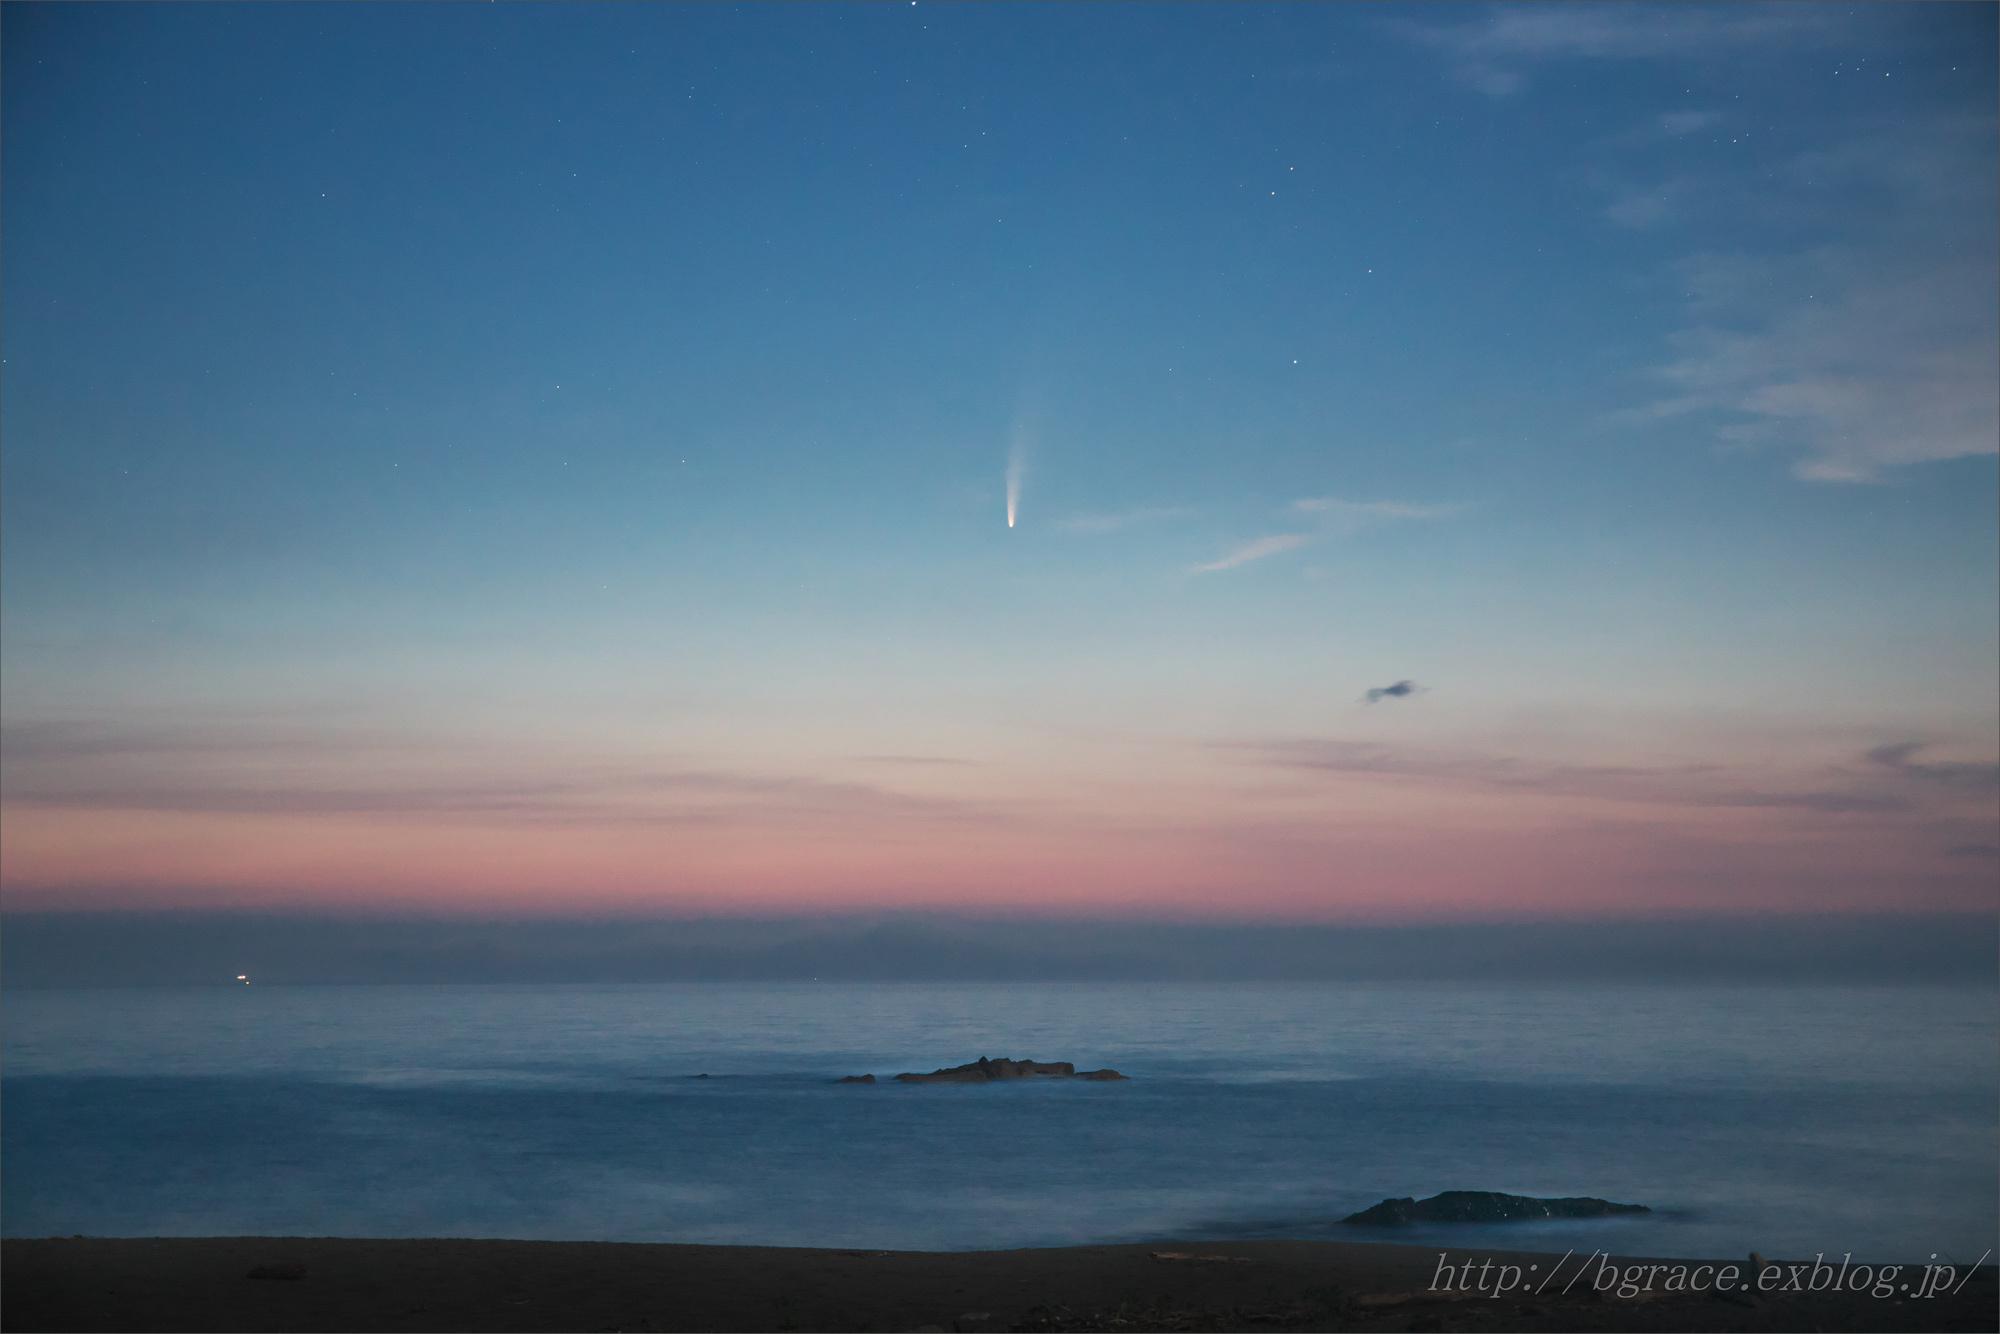 ネオワイズ彗星 C/2020F3 岩手県 後半 END_b0191074_20531634.jpg